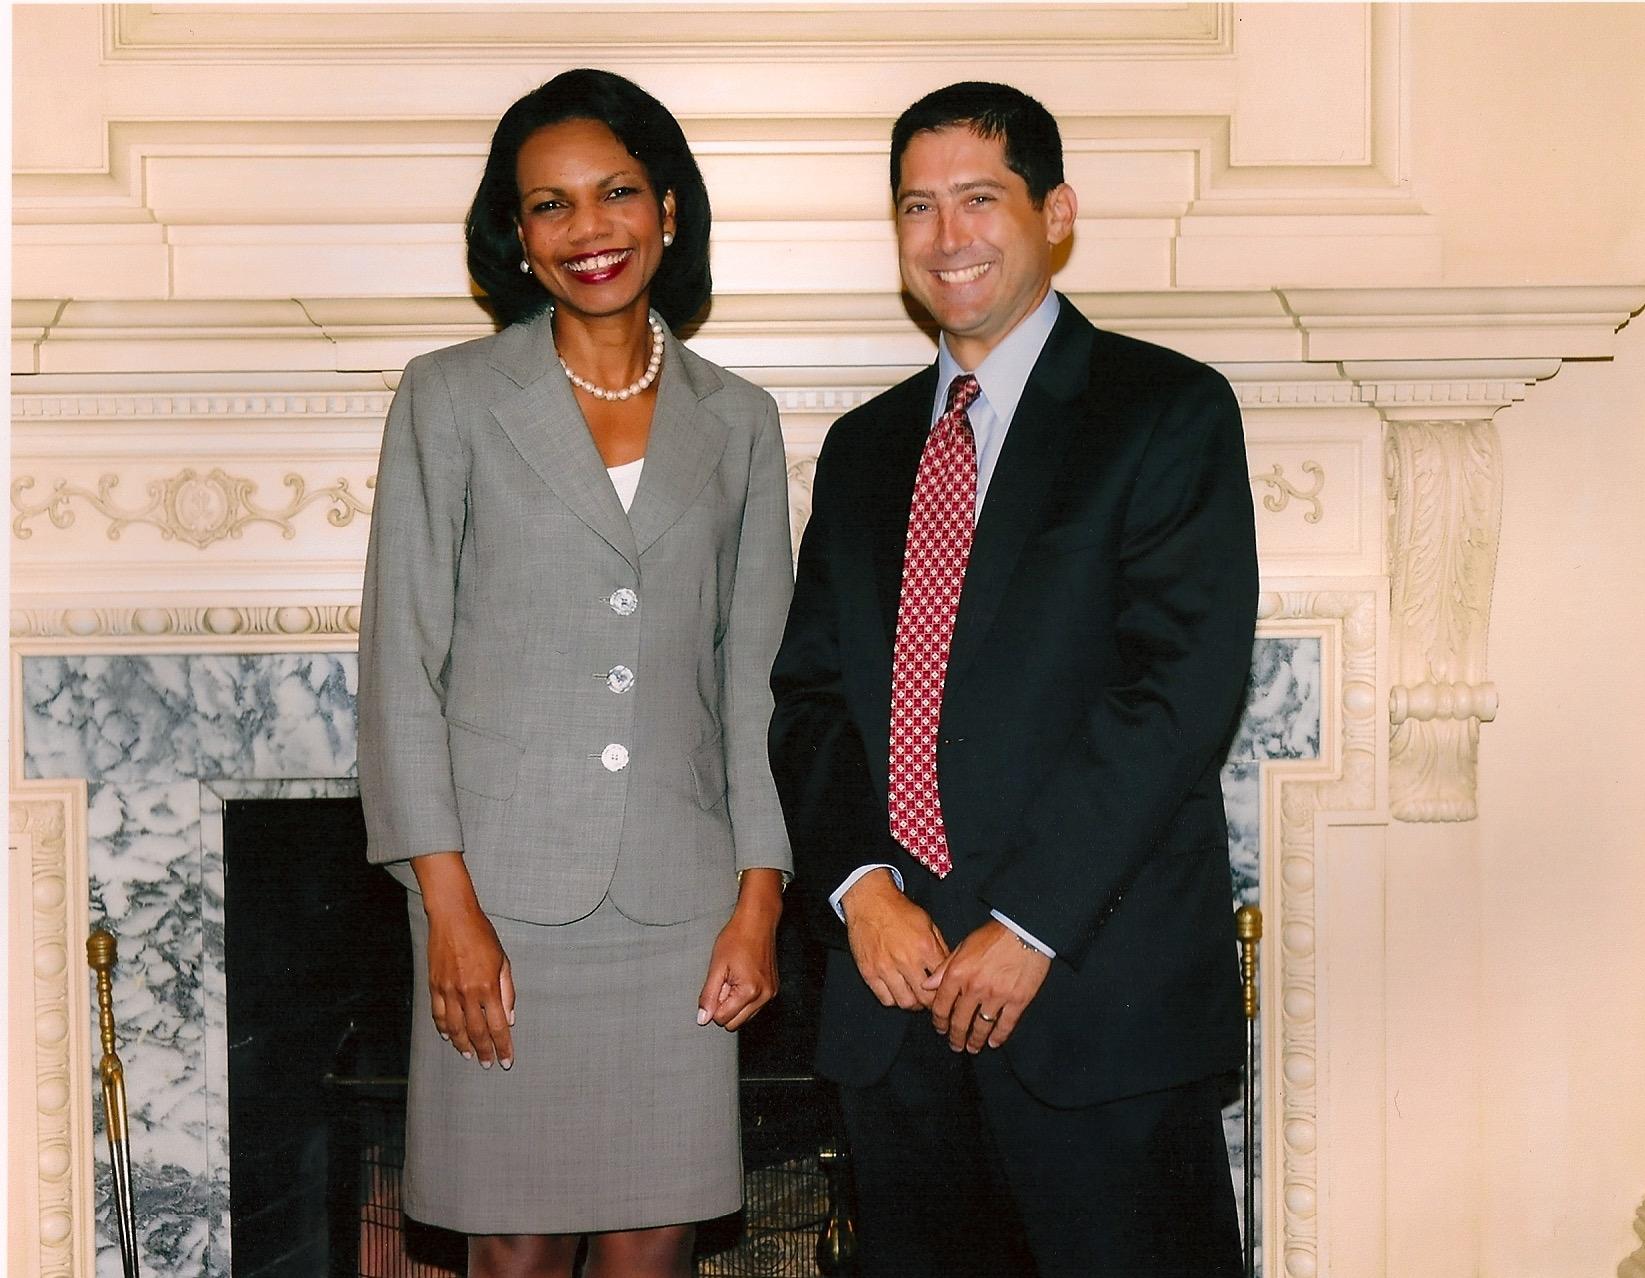 Secretary Condoleezza Rice and Todd.